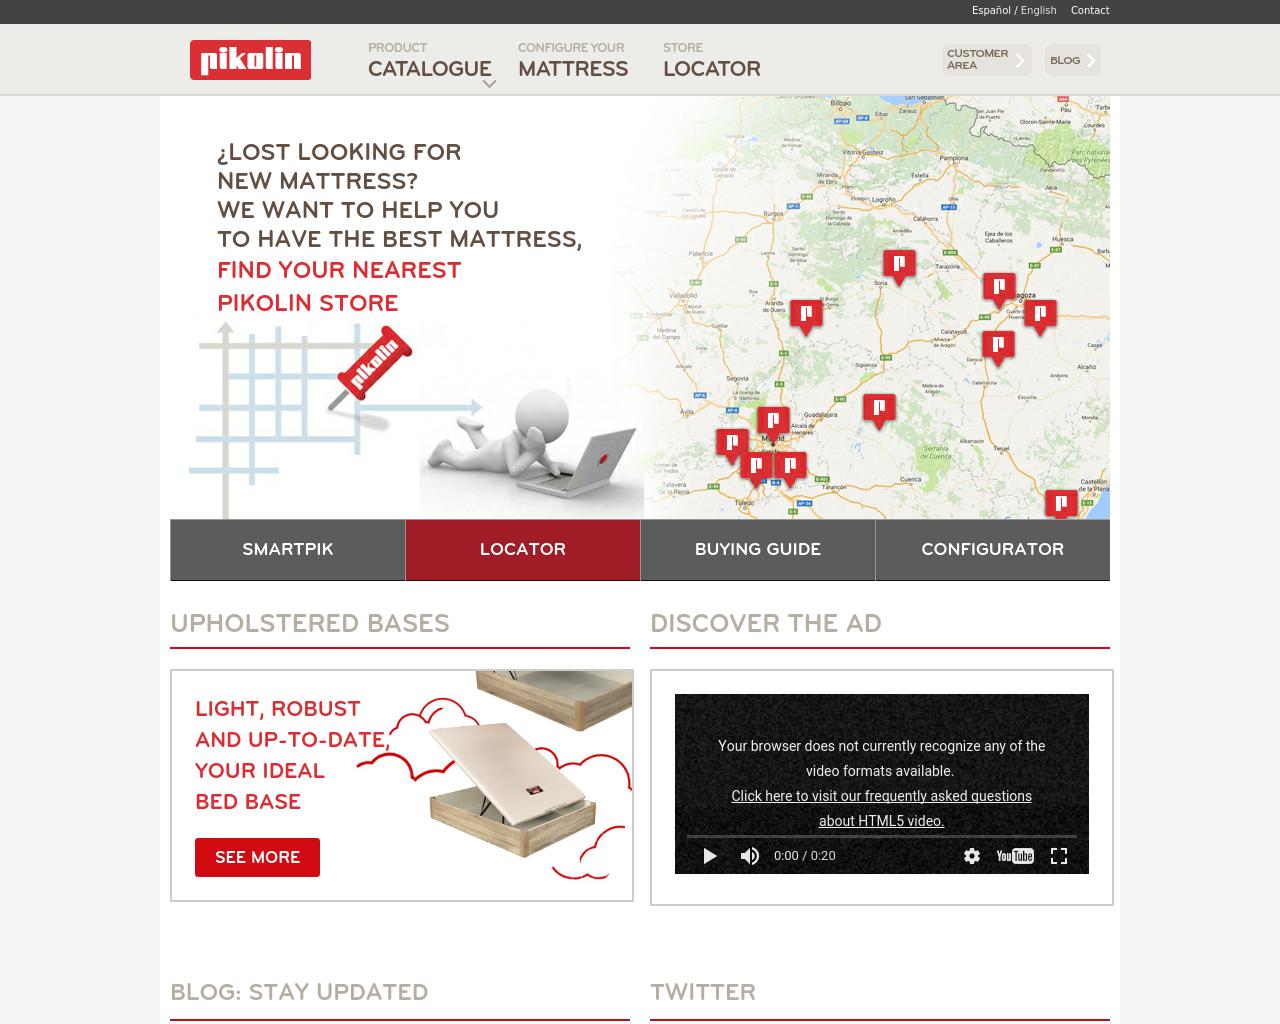 Pikolin-Advertising-Reviews-Pricing